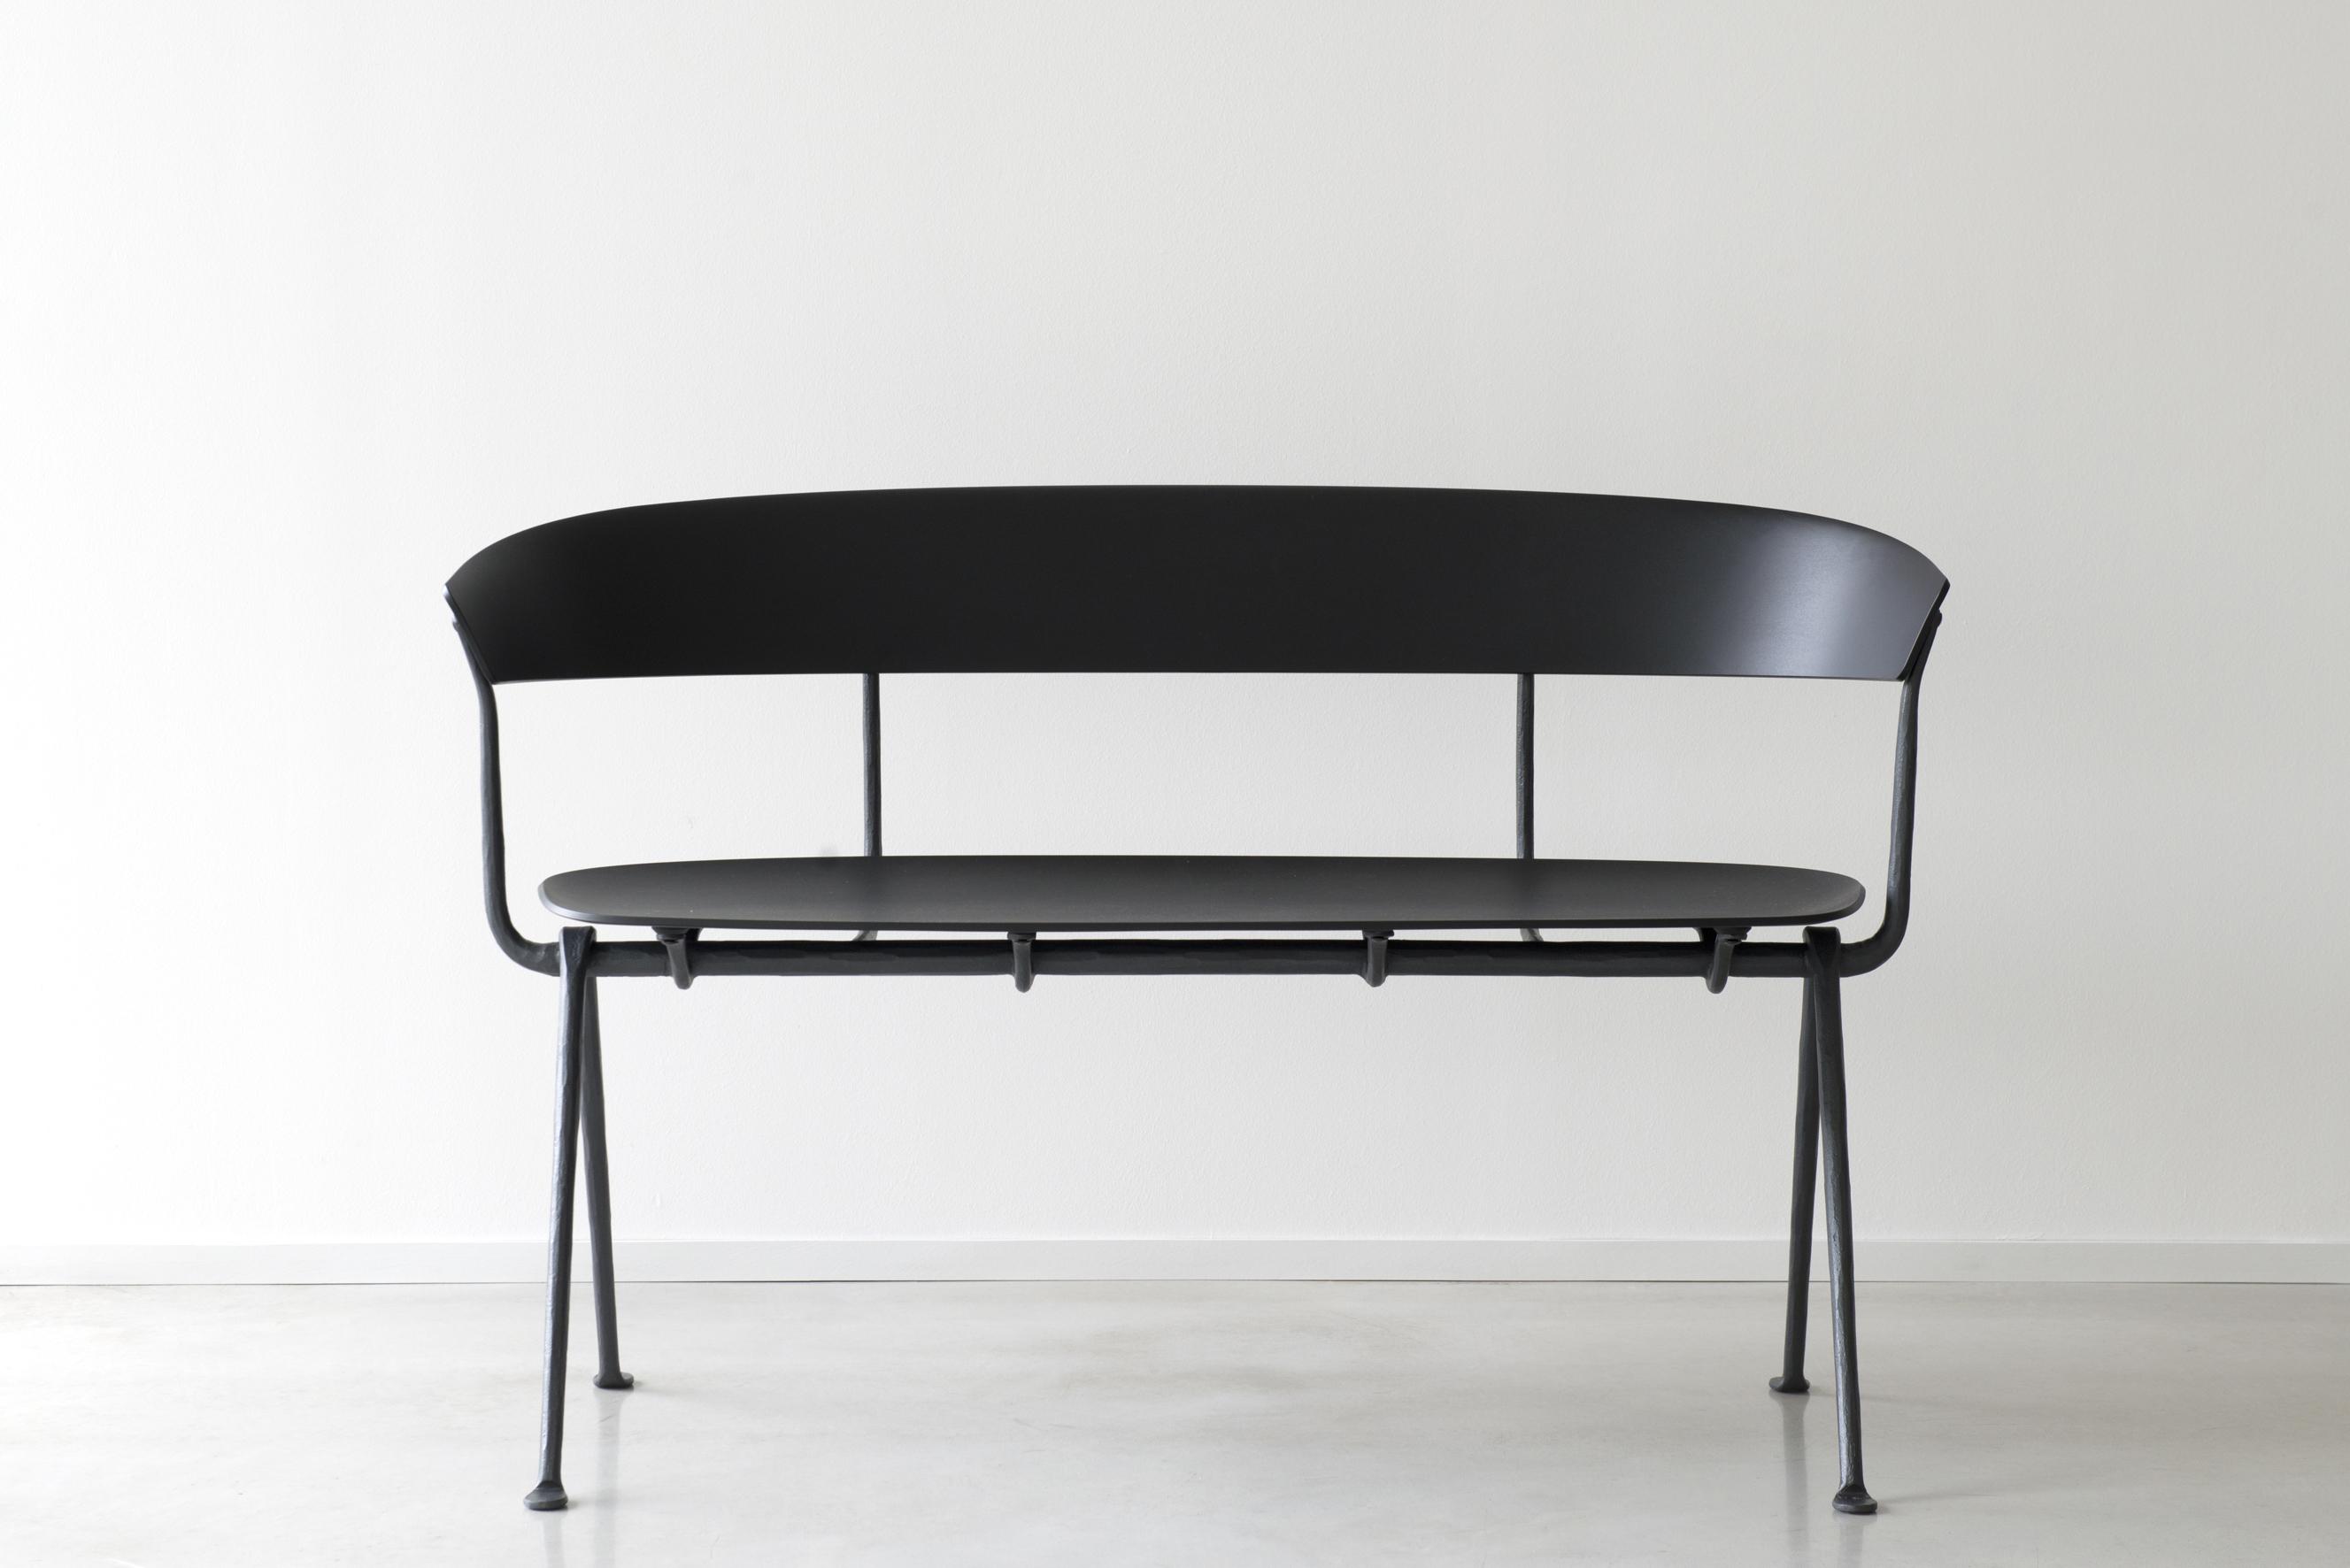 magis pour grcic one de chaises noires paire product konstantin chair